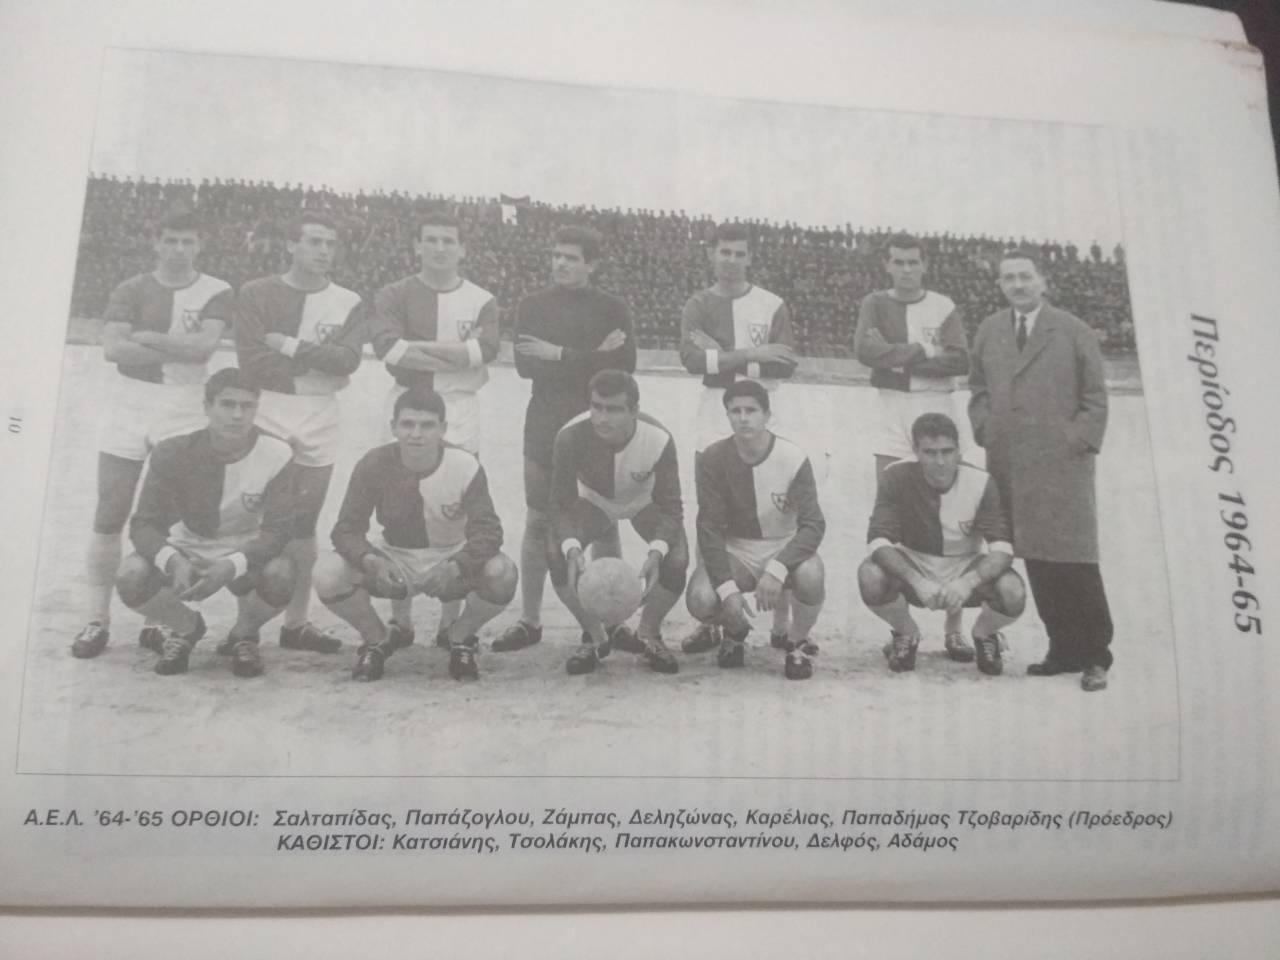 ΑΕΛ 1964